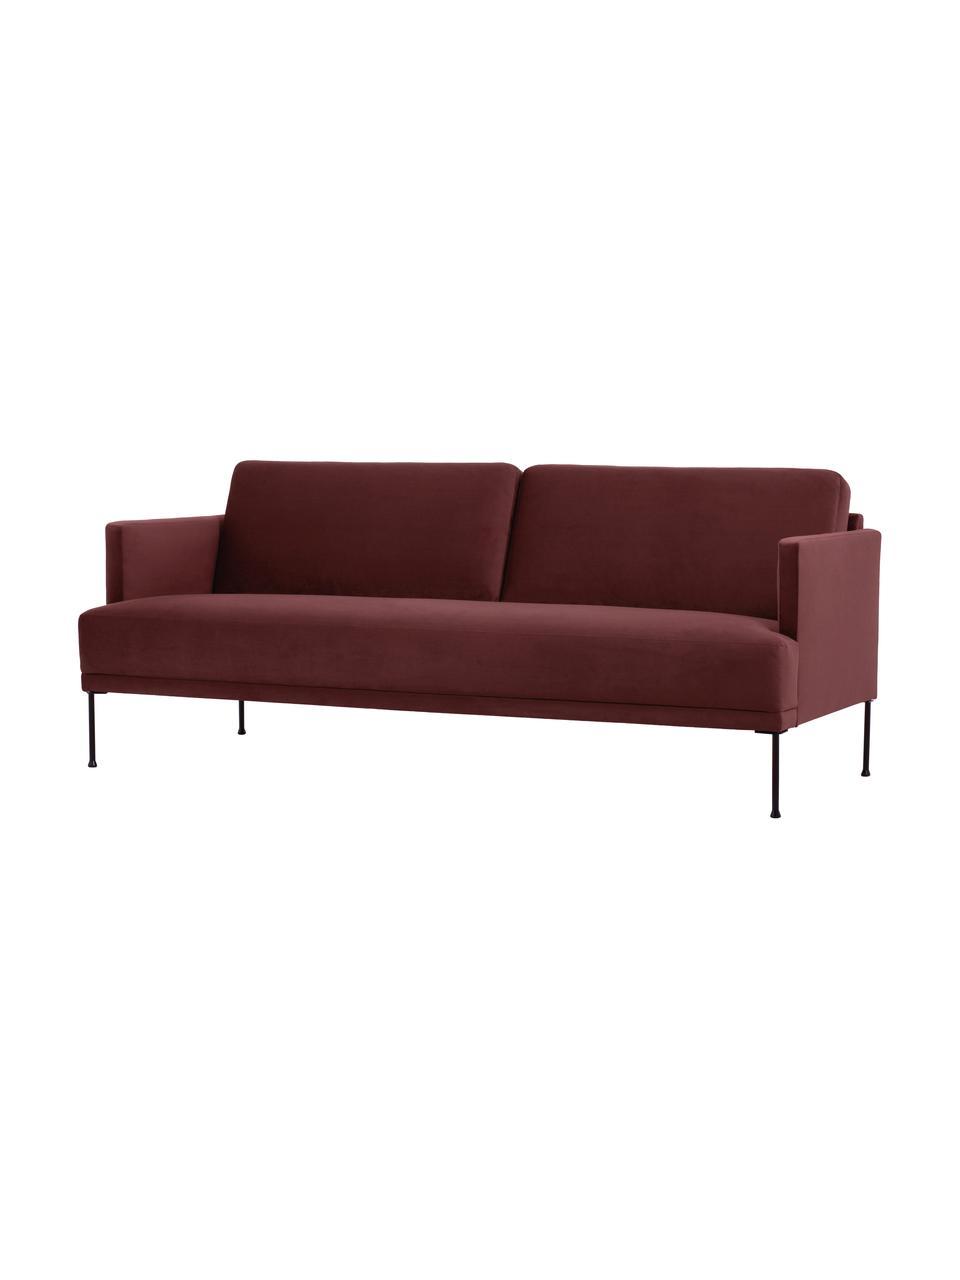 Sofa z aksamitu  z metalowymi nogami Fluente (3-osobowa), Tapicerka: aksamit (wysokiej jakości, Nogi: metal malowany proszkowo, Rdzawoczerwony, S 196 x G 85 cm